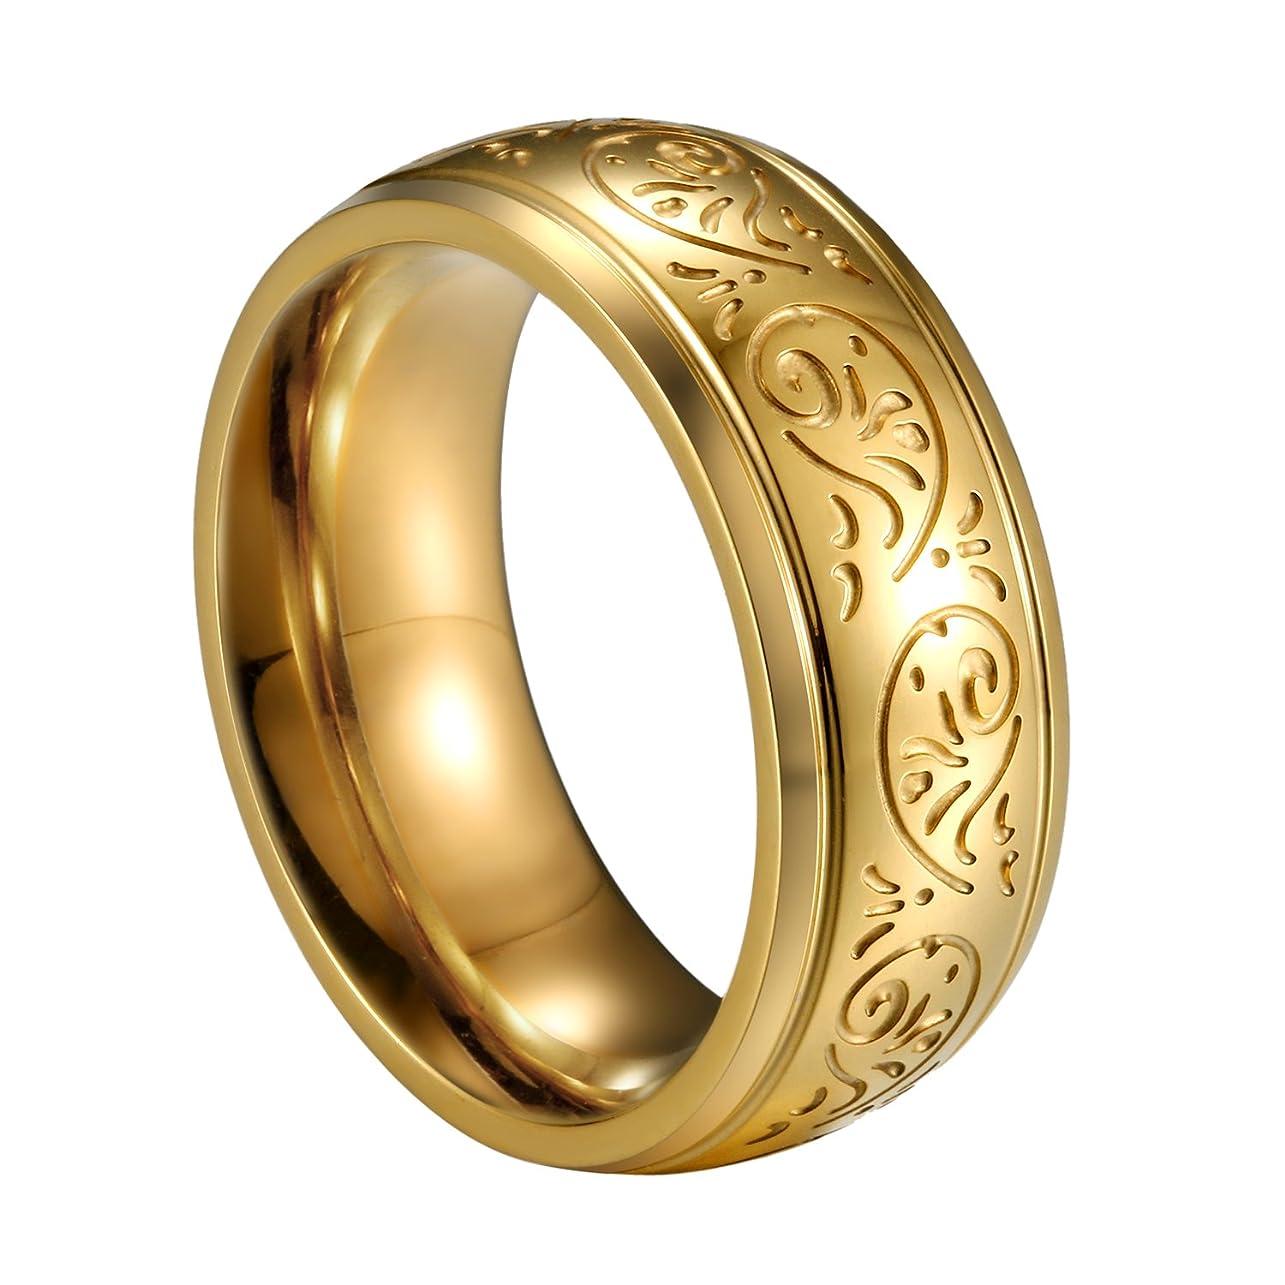 サドルアルミニウムポータル[ココカル]cococaru ペアリング プラチナ リング Pt900 マリッジリング 2本セット 結婚指輪 日本製